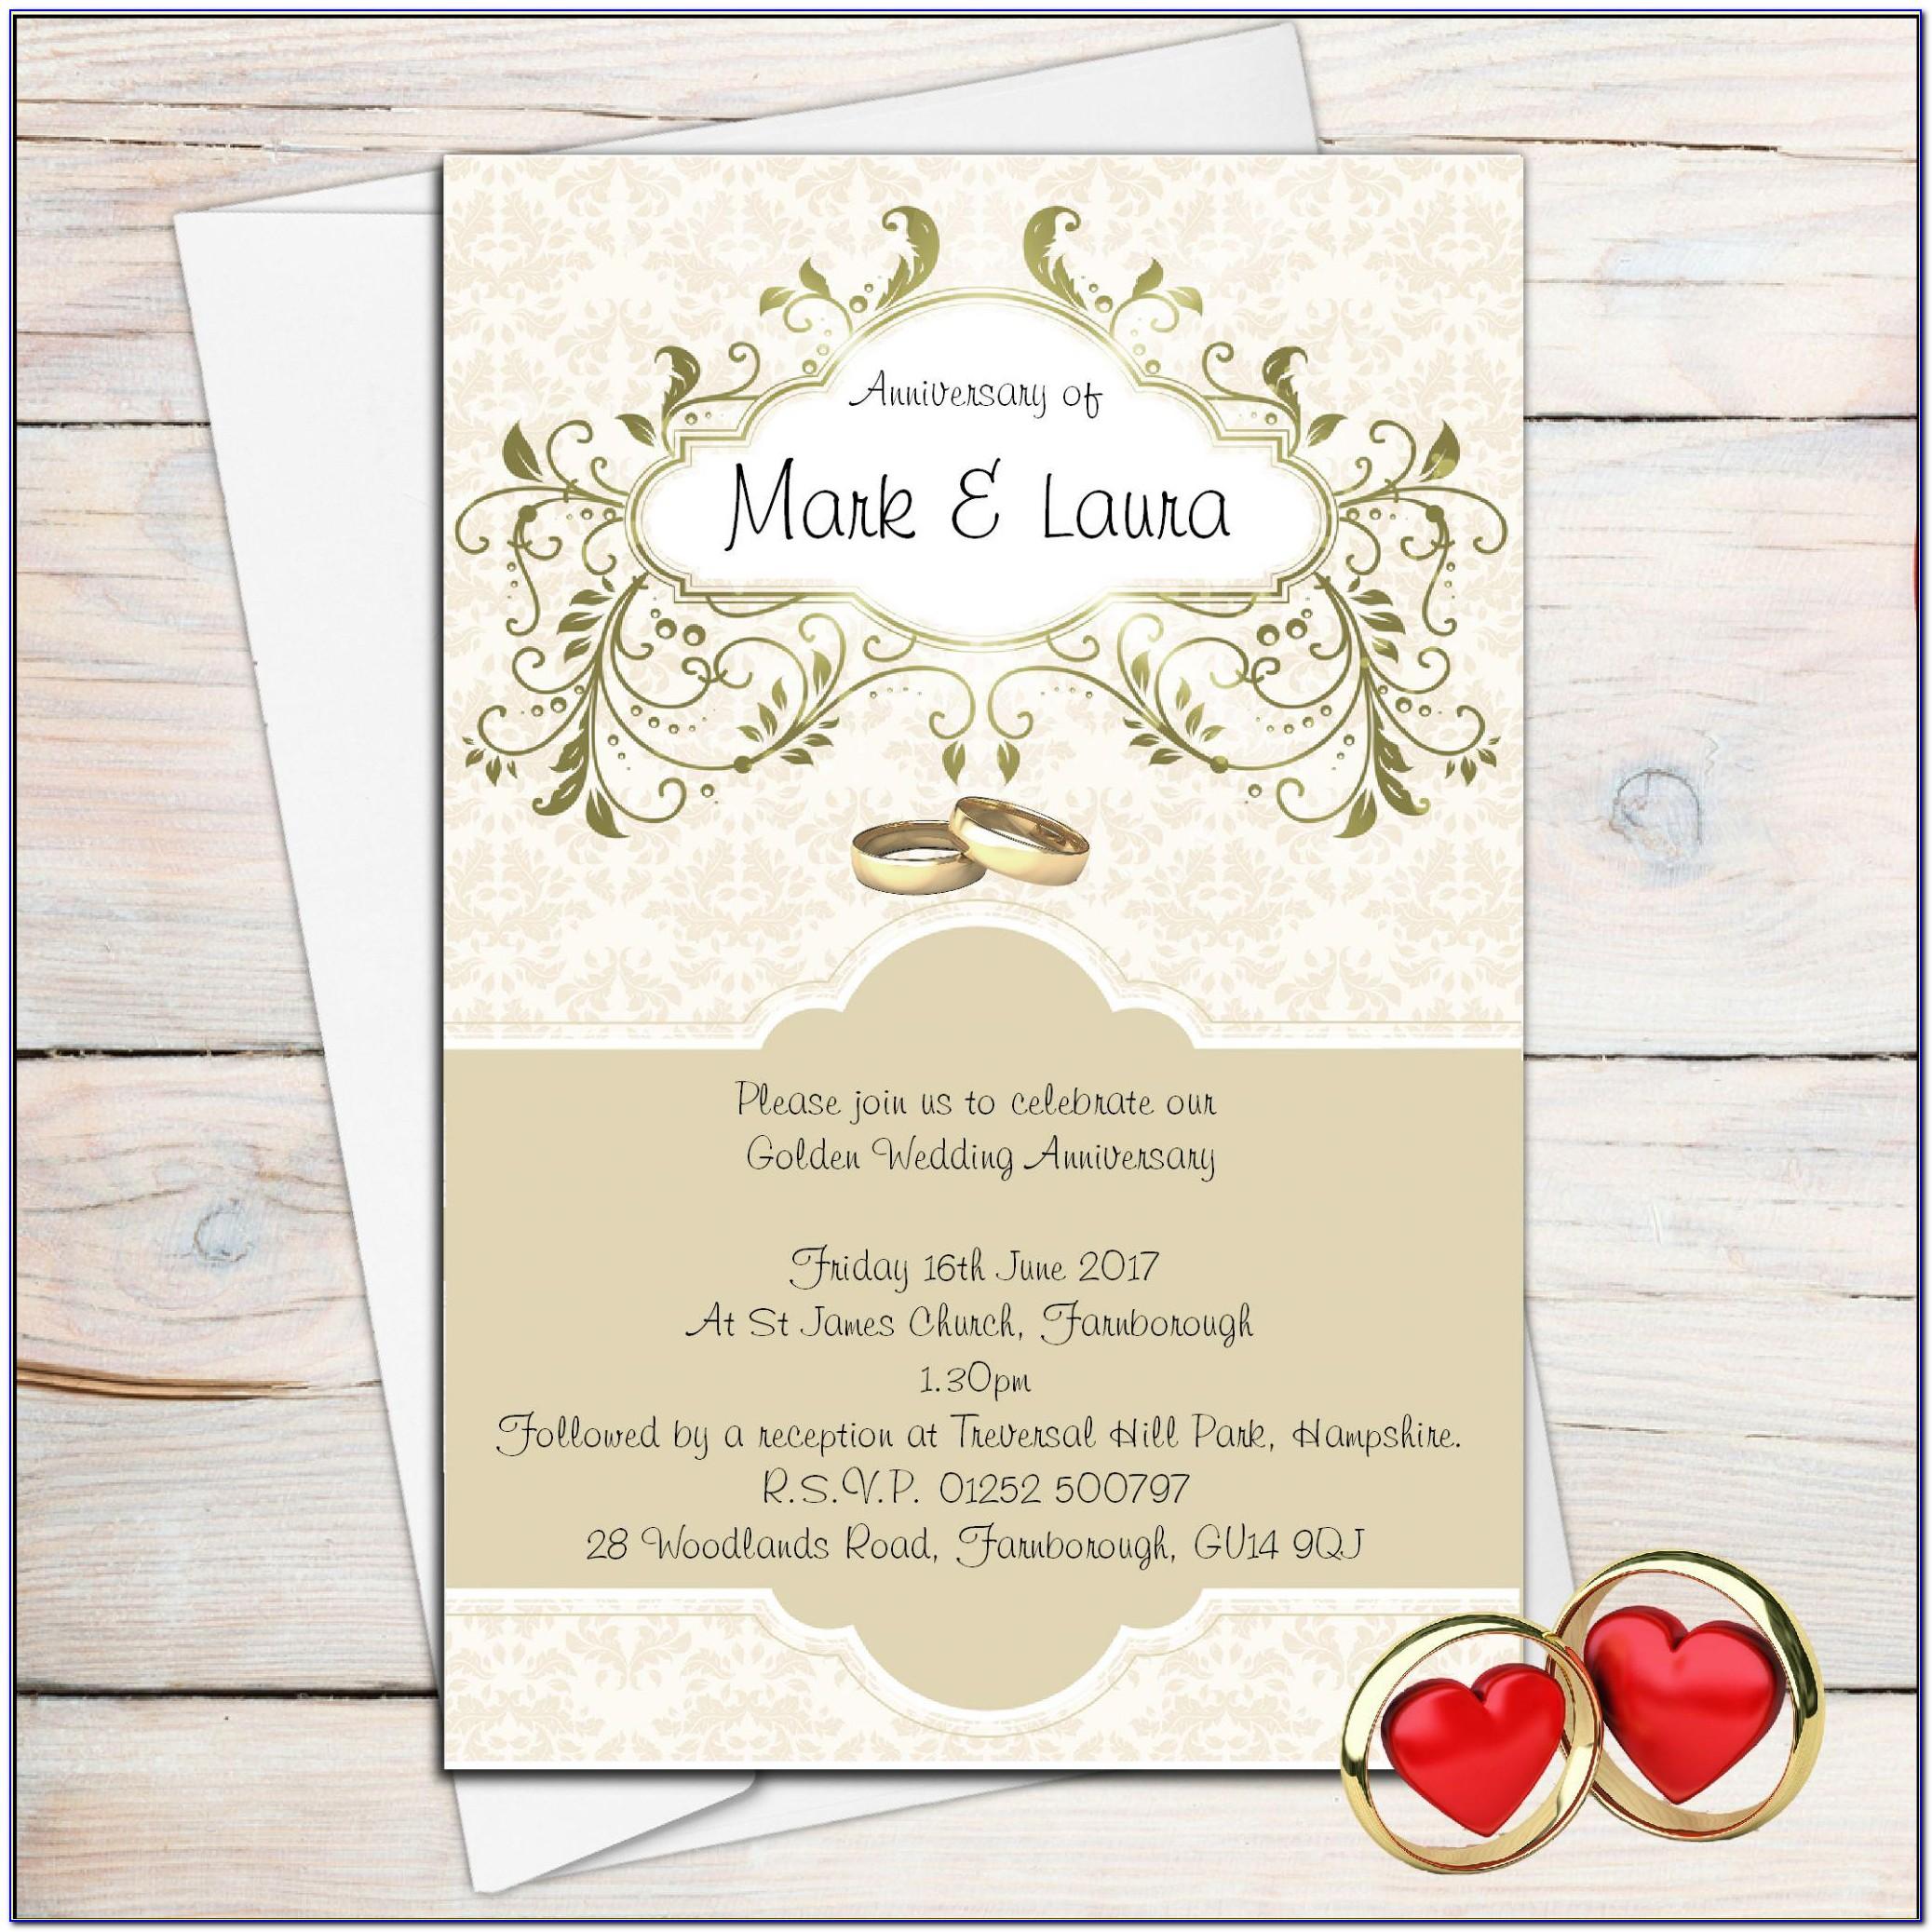 Golden Wedding Invitations Samples